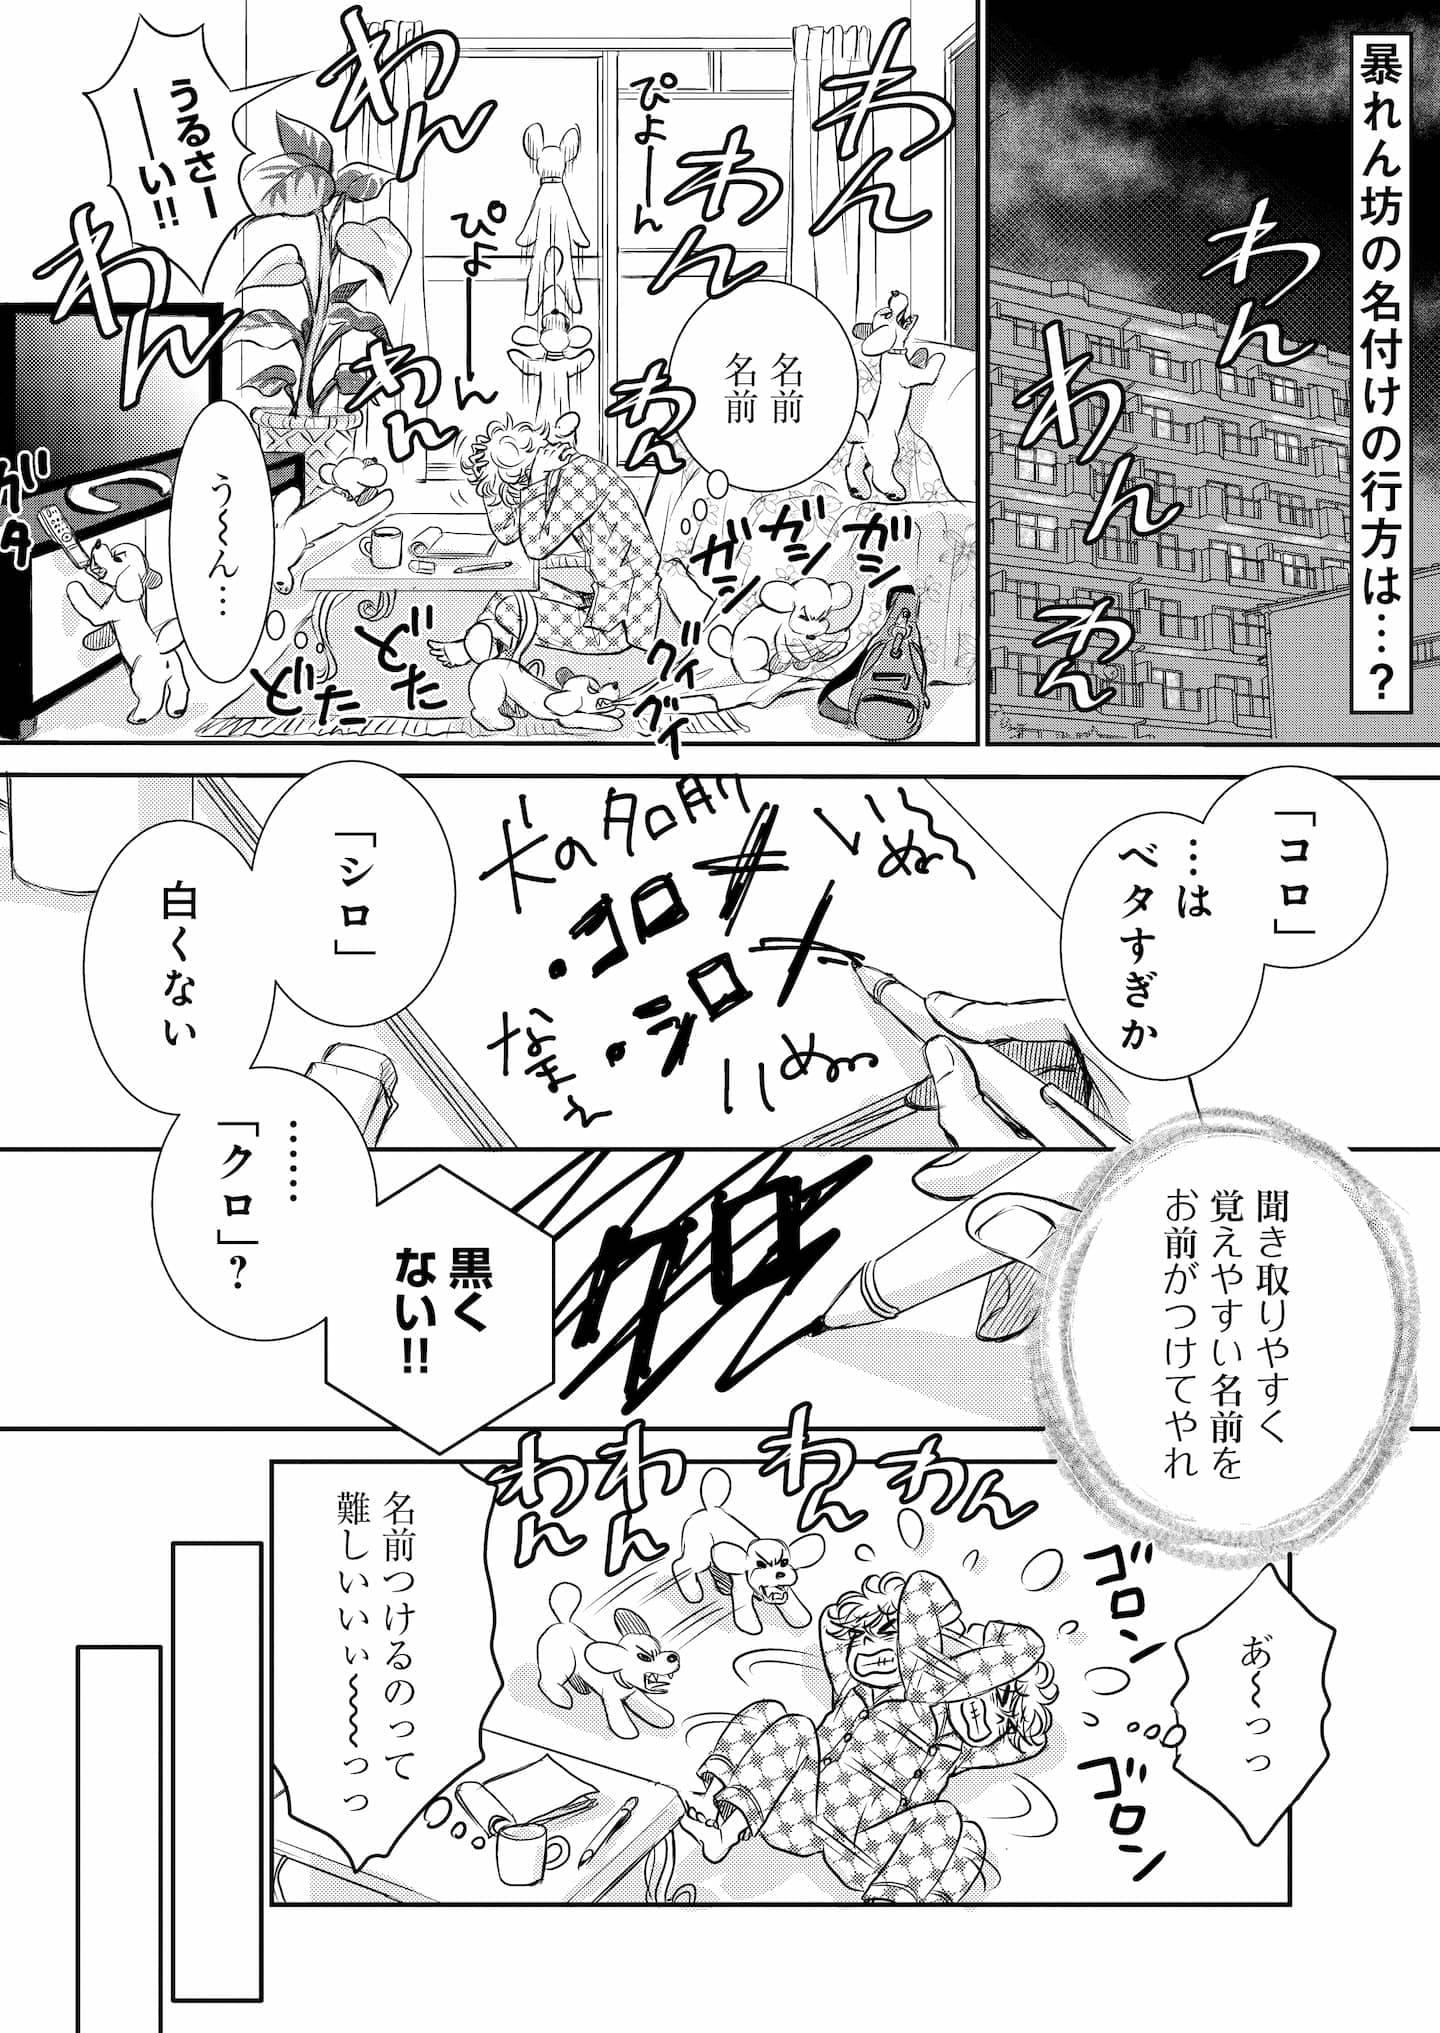 『DOG SIGNAL』3話目① 1ページ目